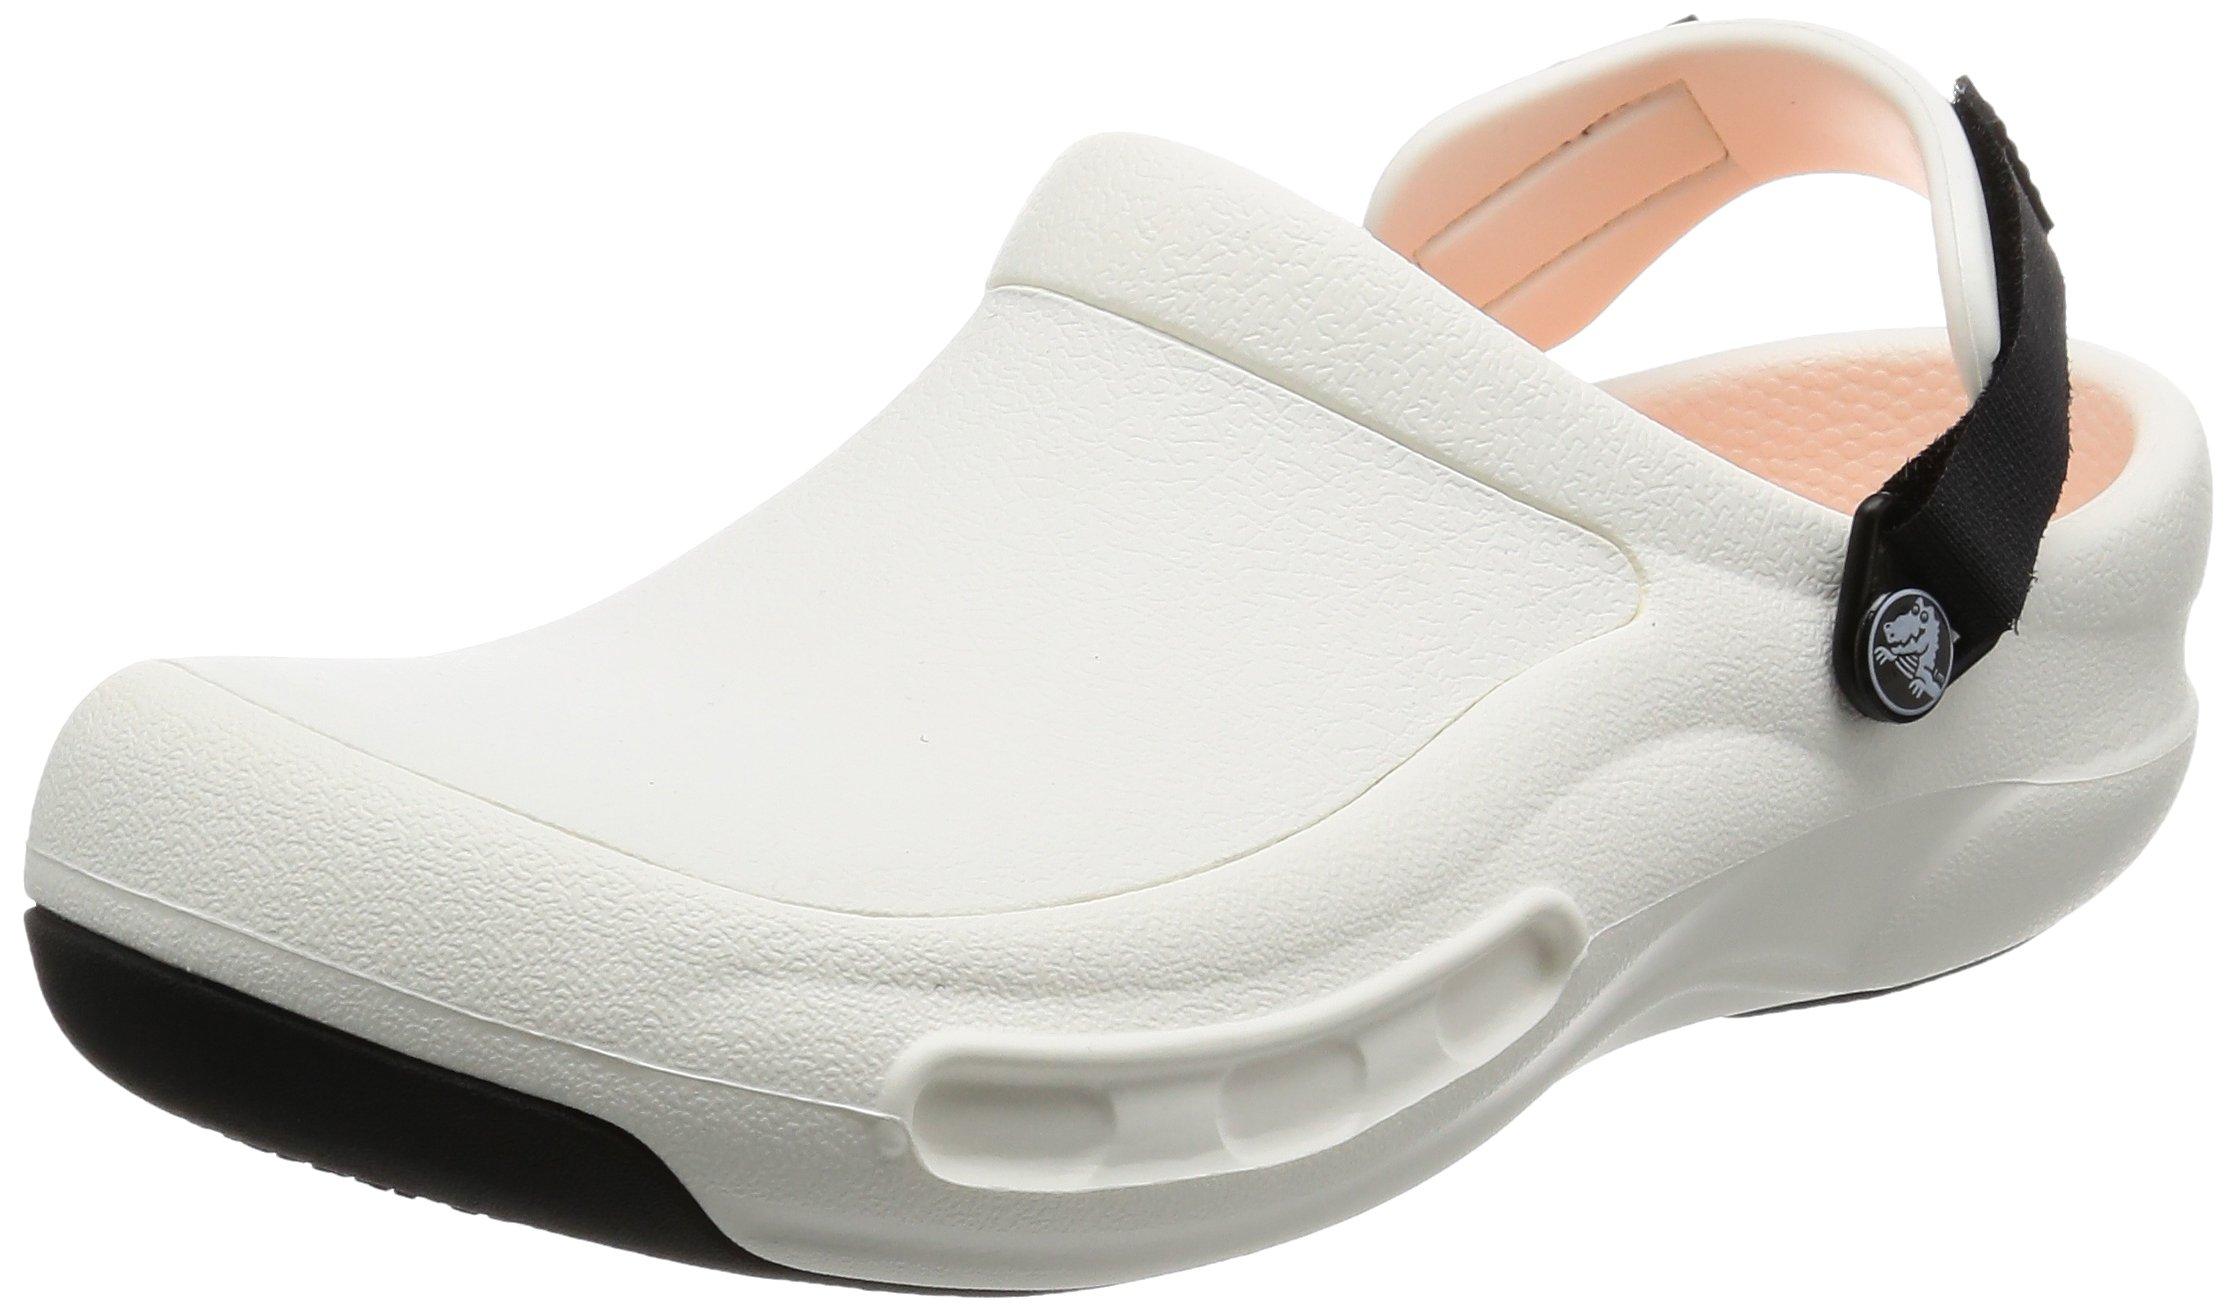 crocs Unisex 15010 Bistro Pro Clog, White, 4 US Men's / 6 US Women's